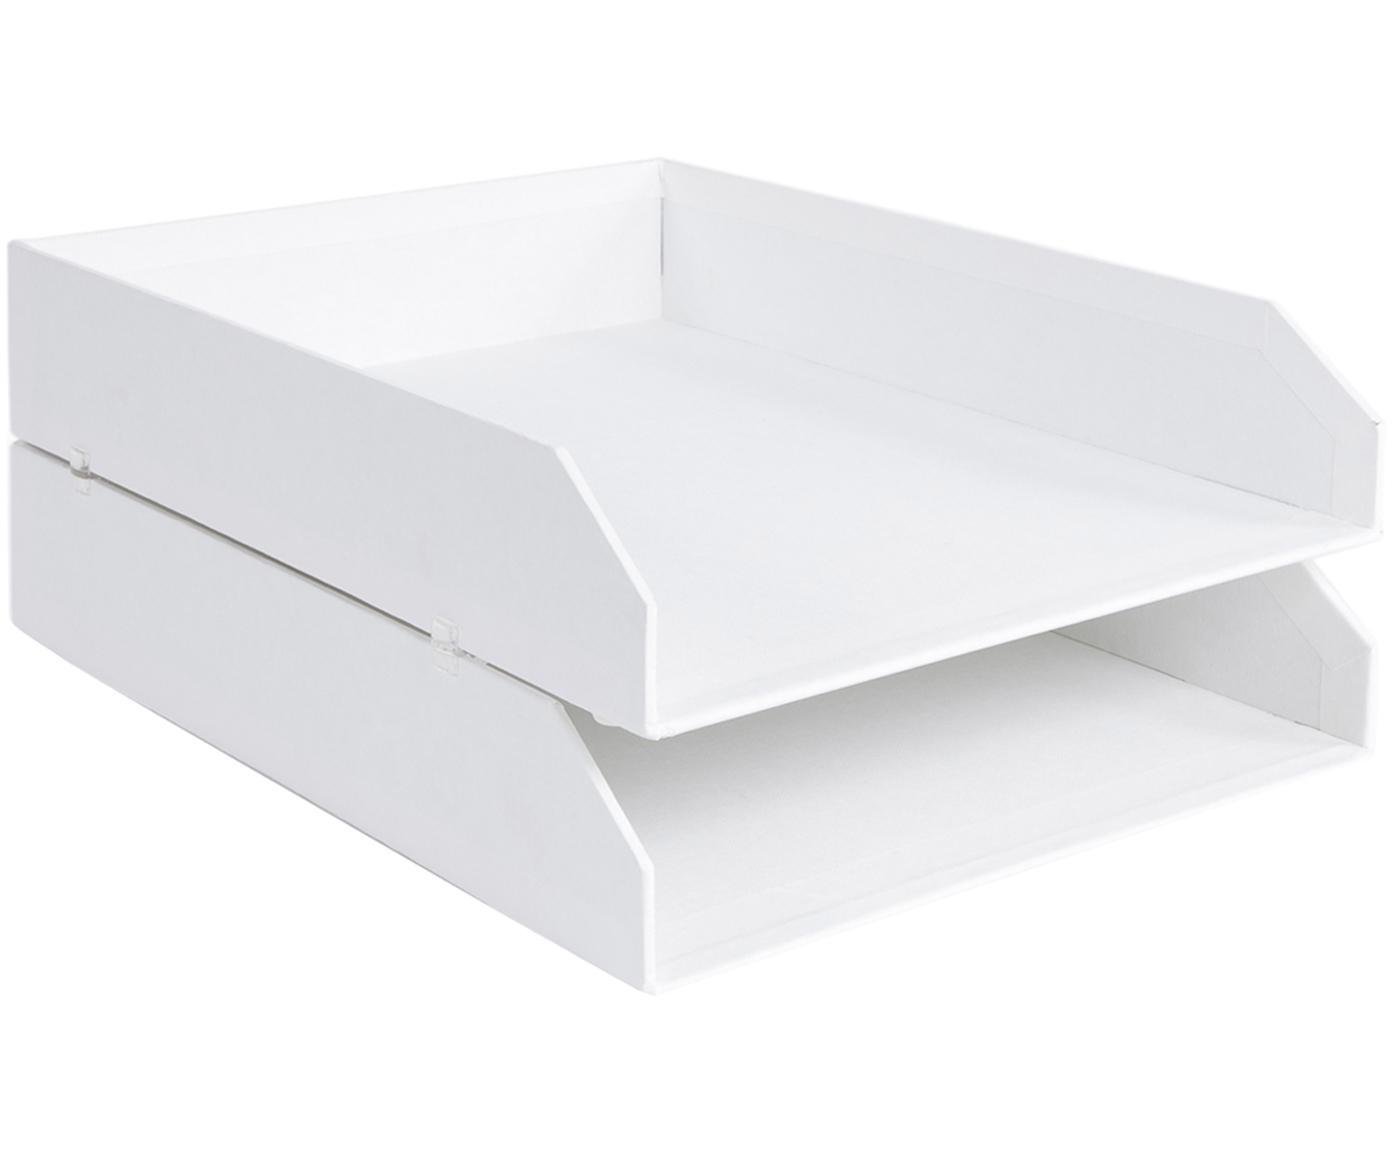 Documentenhouders Hakan, 2 stuks, Massief, gelamineerd karton, Wit, B 23  x D 31 cm